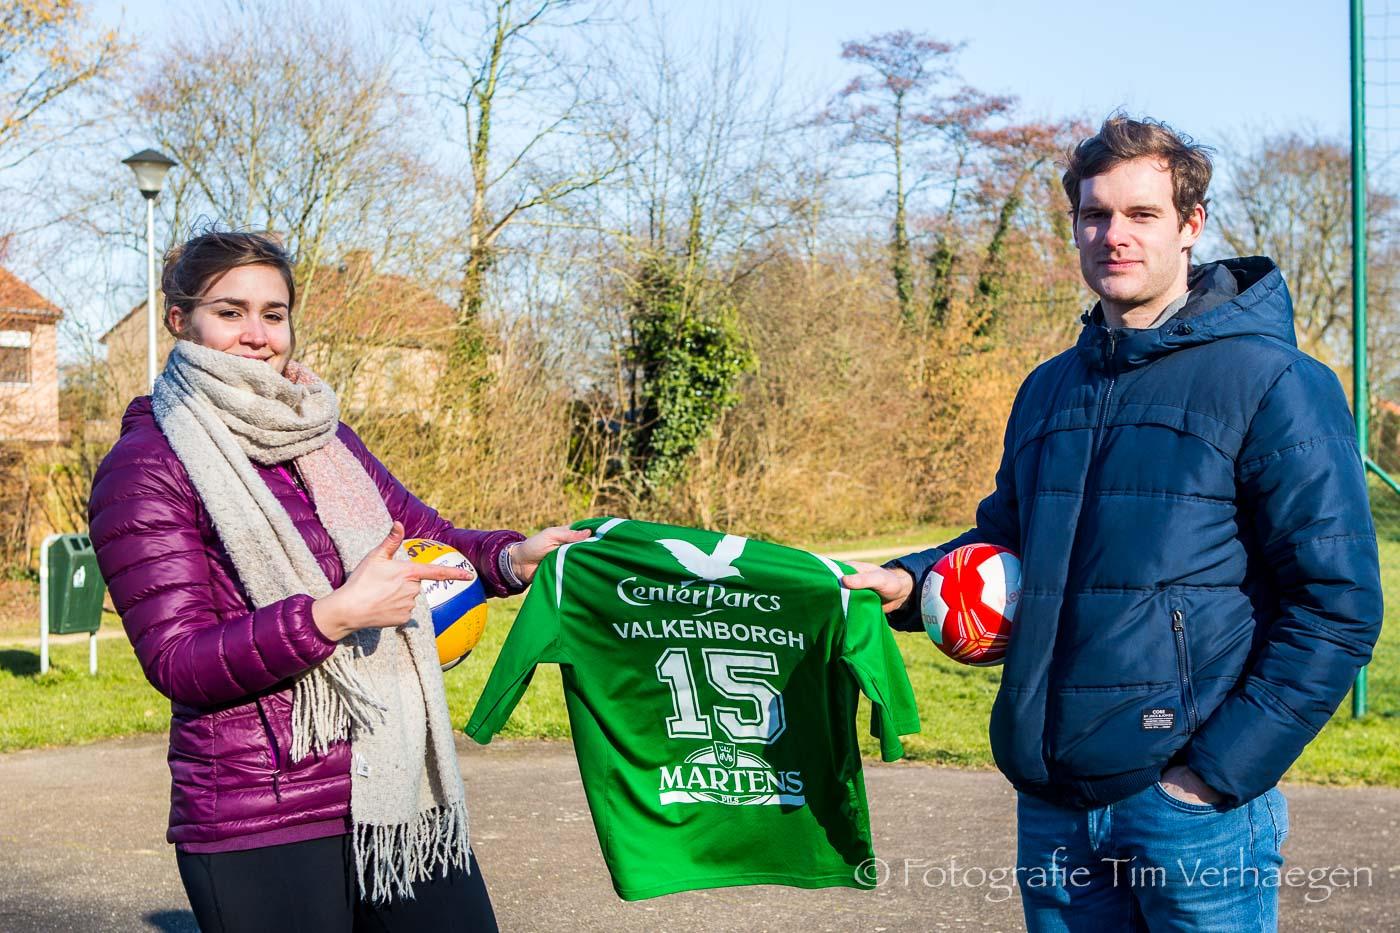 20182502: Beachvolleybalster Katrien Gielen en handballer Roel Valkenborgh tijdens een interview met BeVolley Magazine.